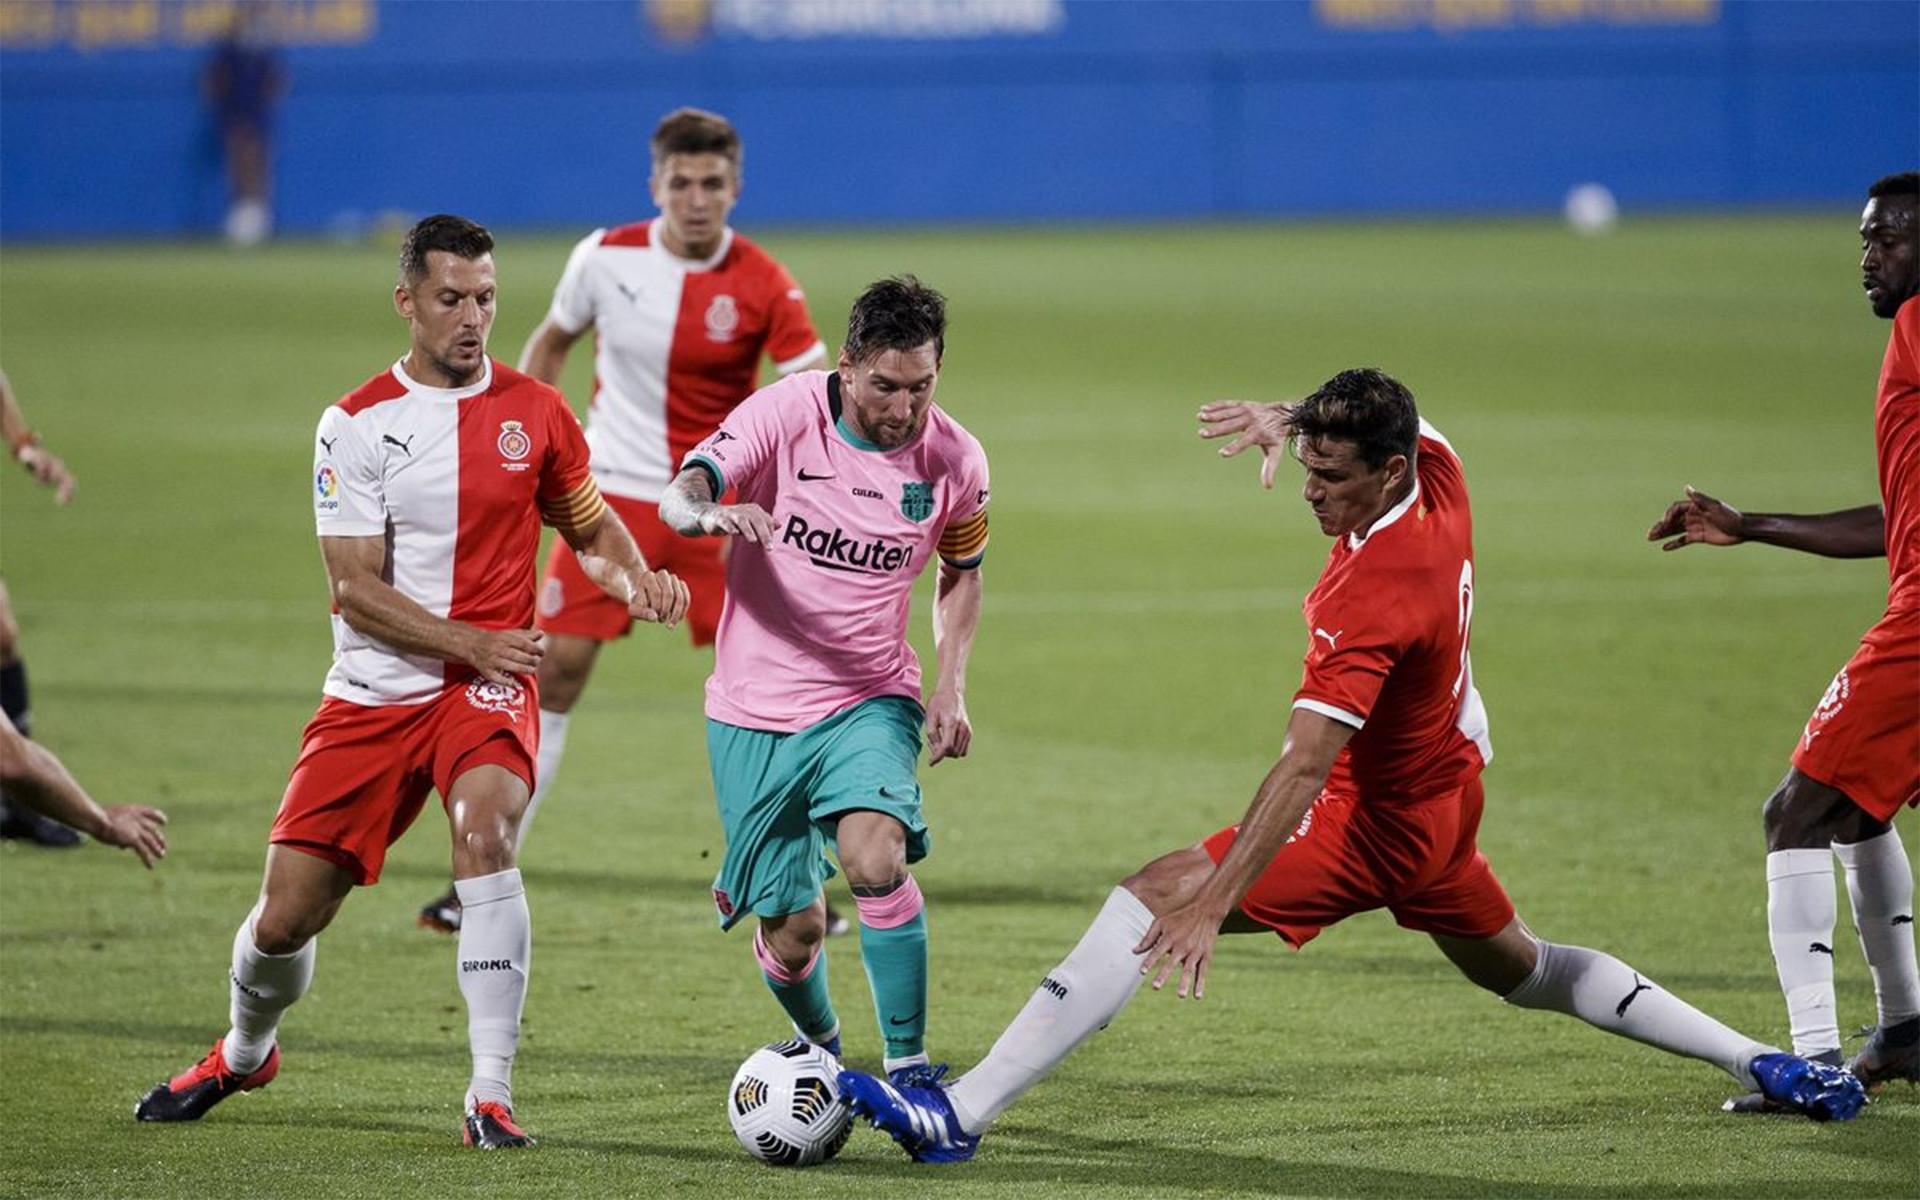 Lihat Gol Pertama Messi Untuk Barcelona Musim Ini, Pakai Kaki Kanan - JPNN.com